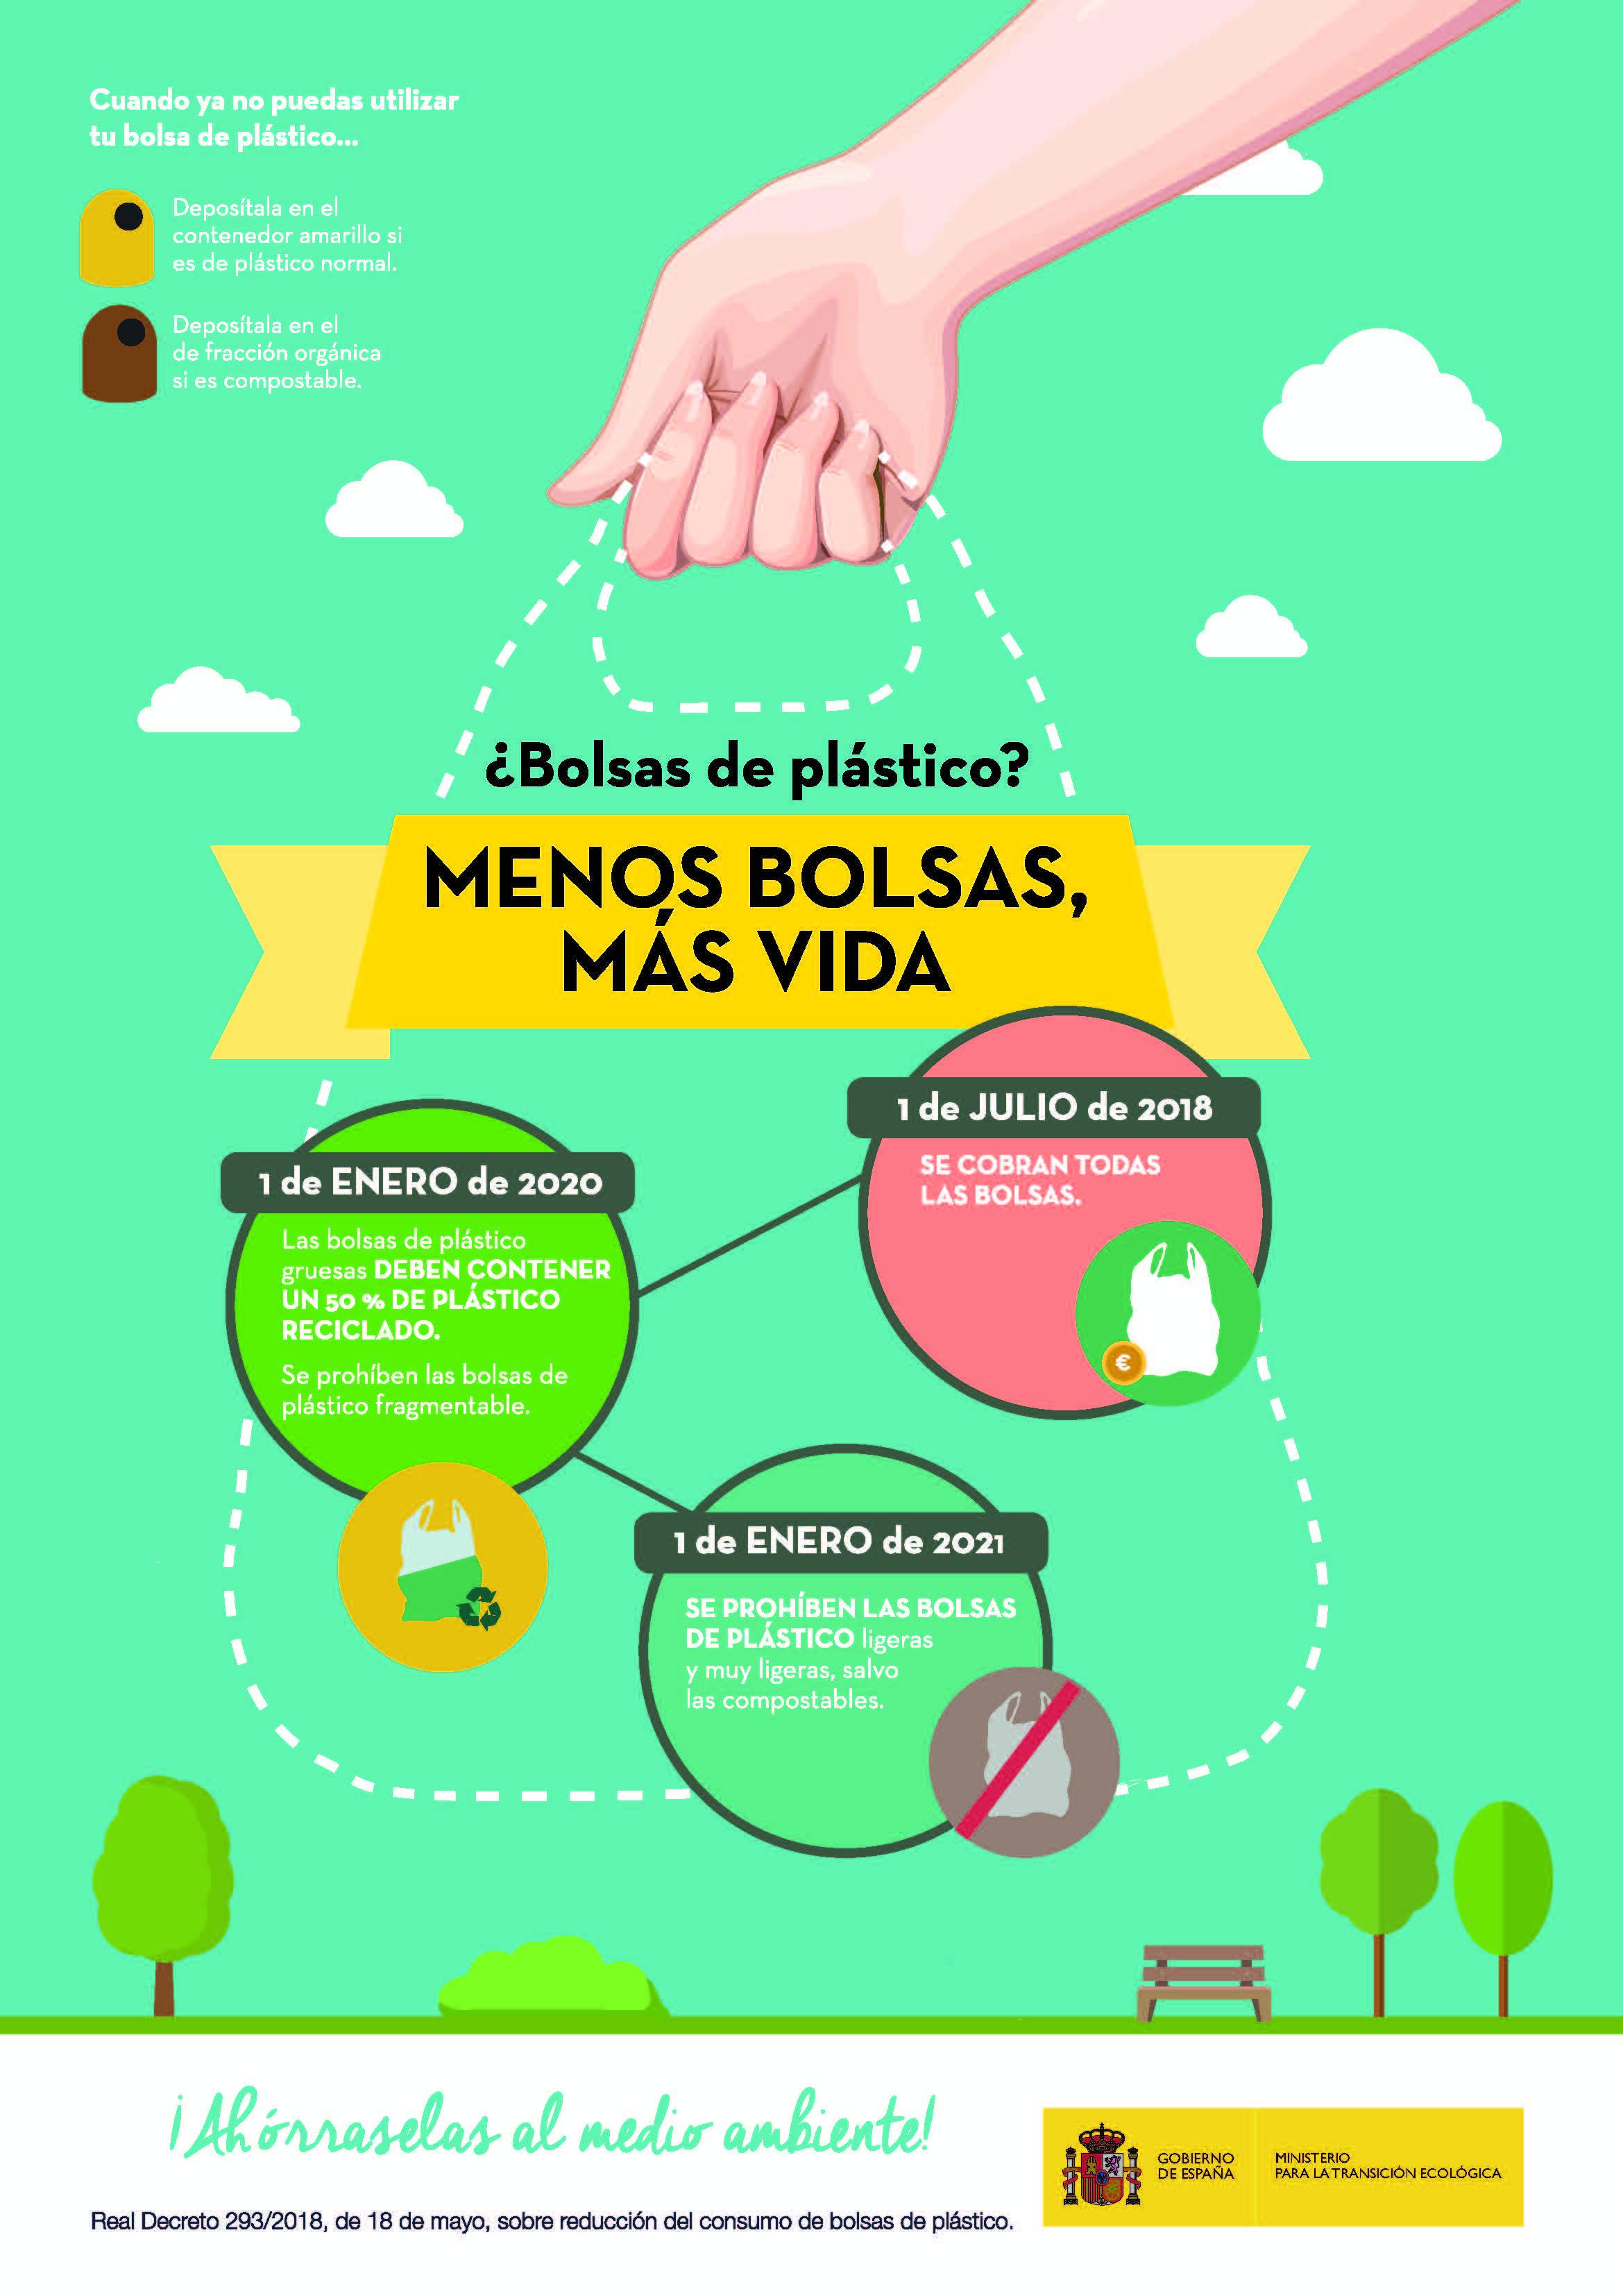 Nueva normativa de bolsas de plástico